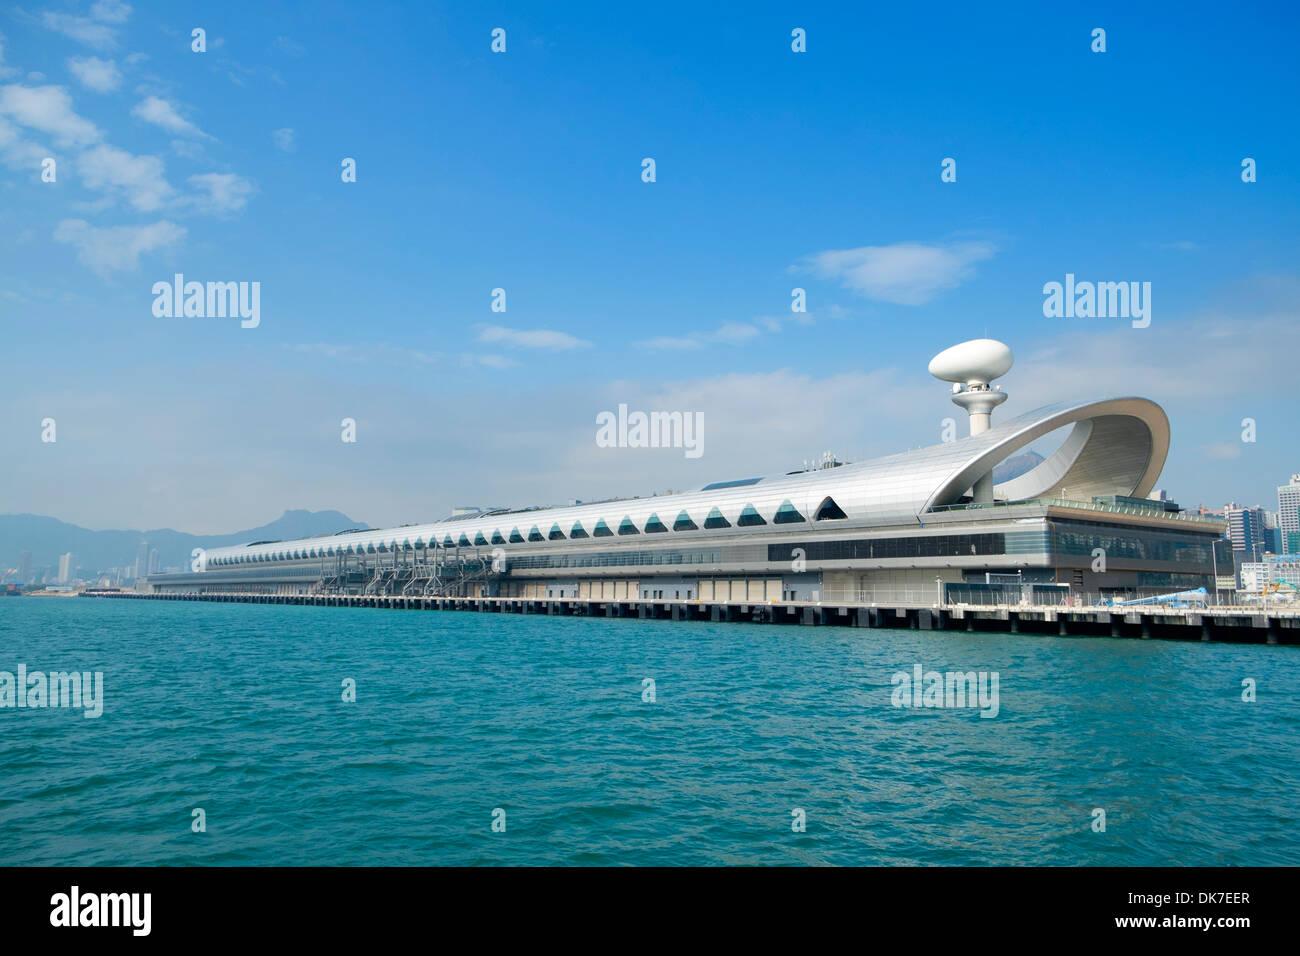 der neue Kai Tak Cruise Terminal in Hong Kong Stockbild